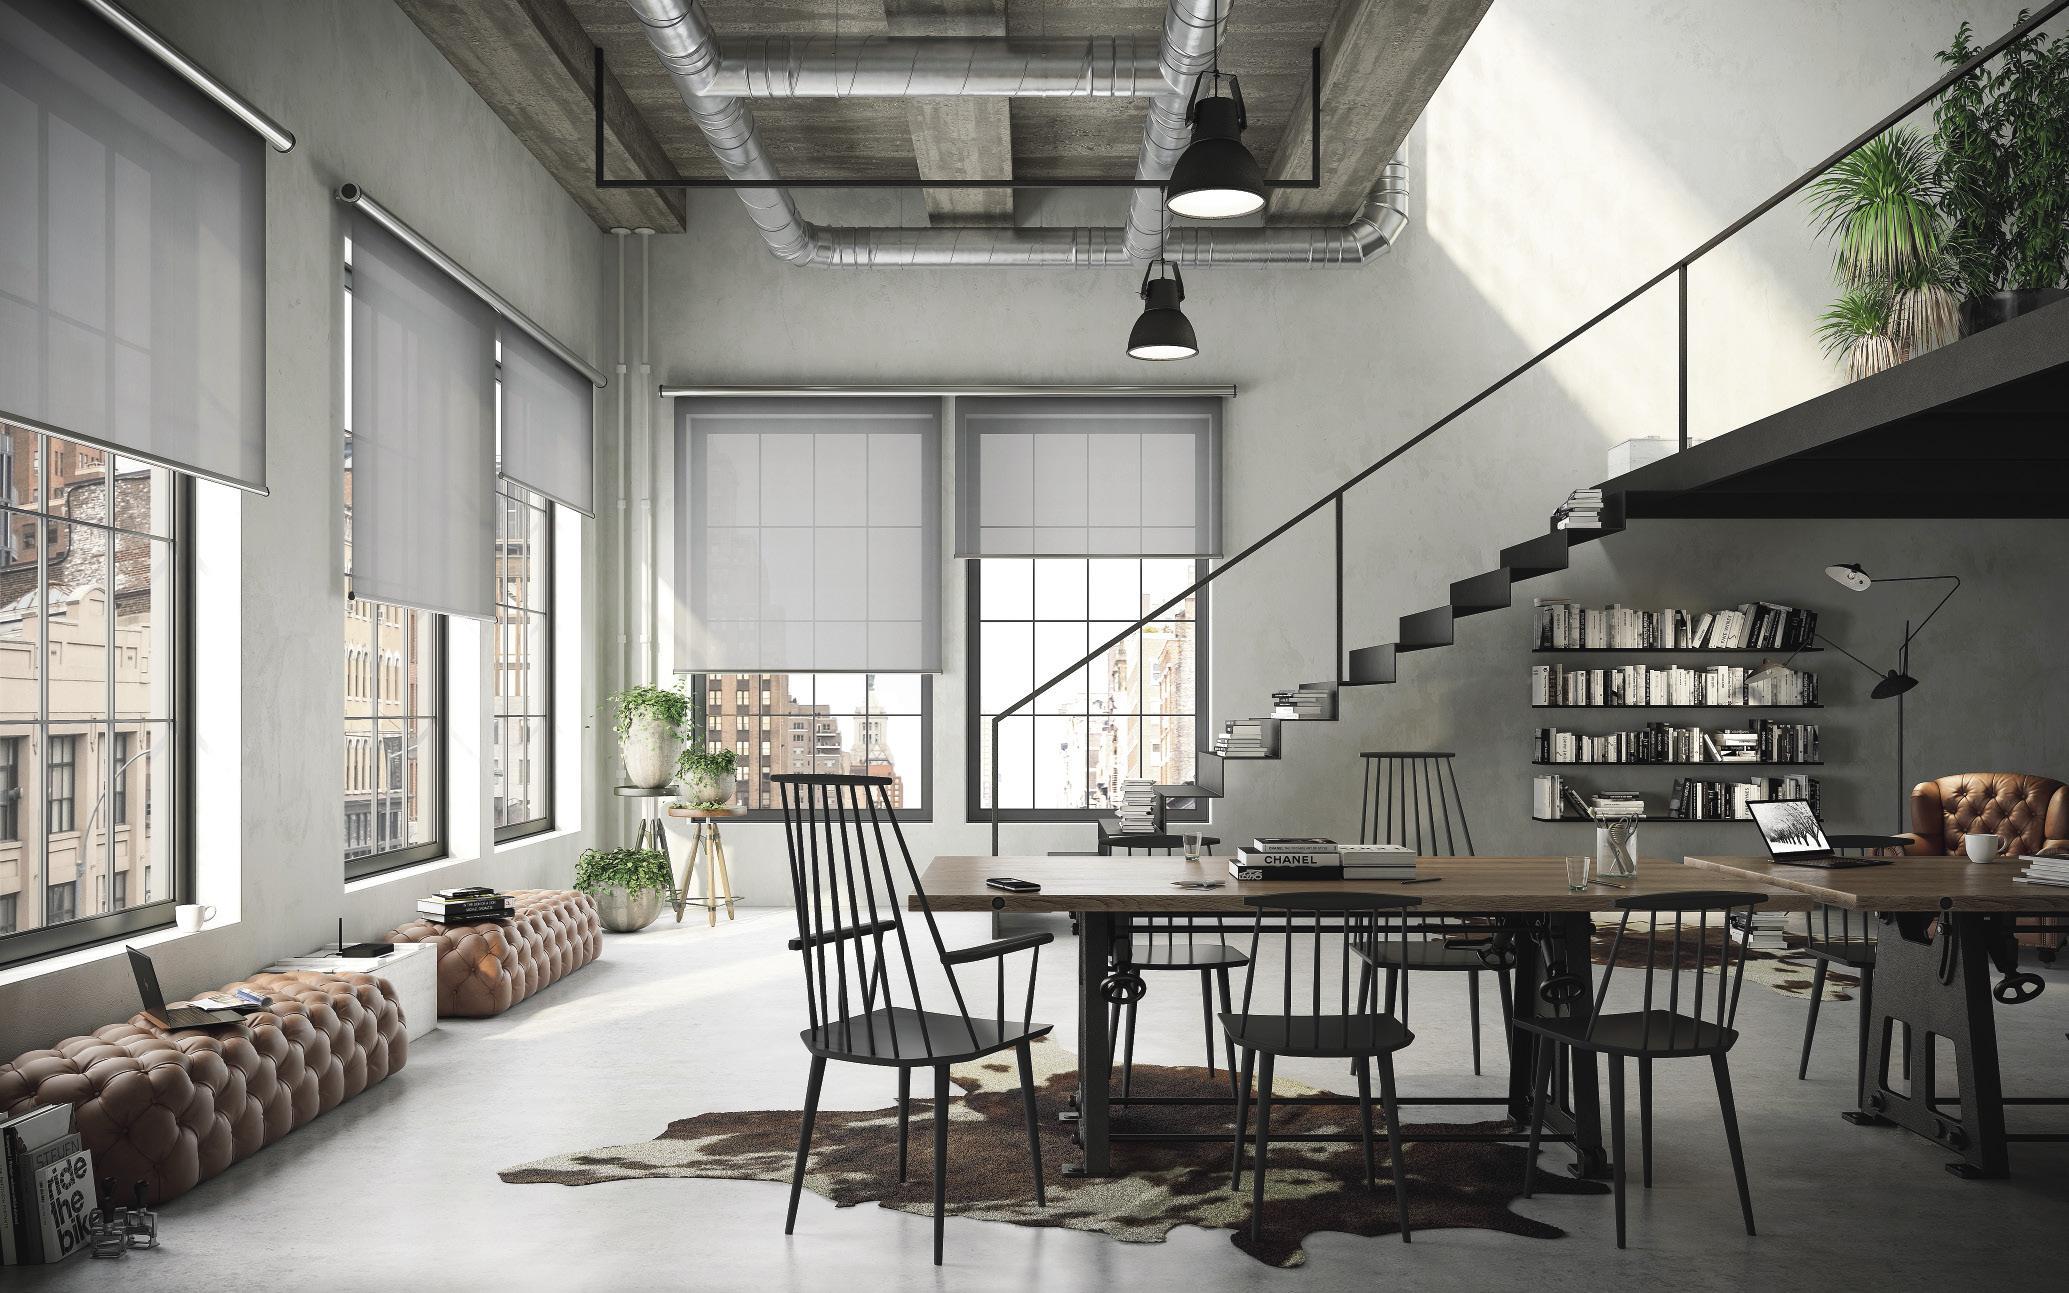 Come Scegliere Le Tende Da Interni Idee E Spunti Da Cui Trarre Ispirazione Cose Di Casa